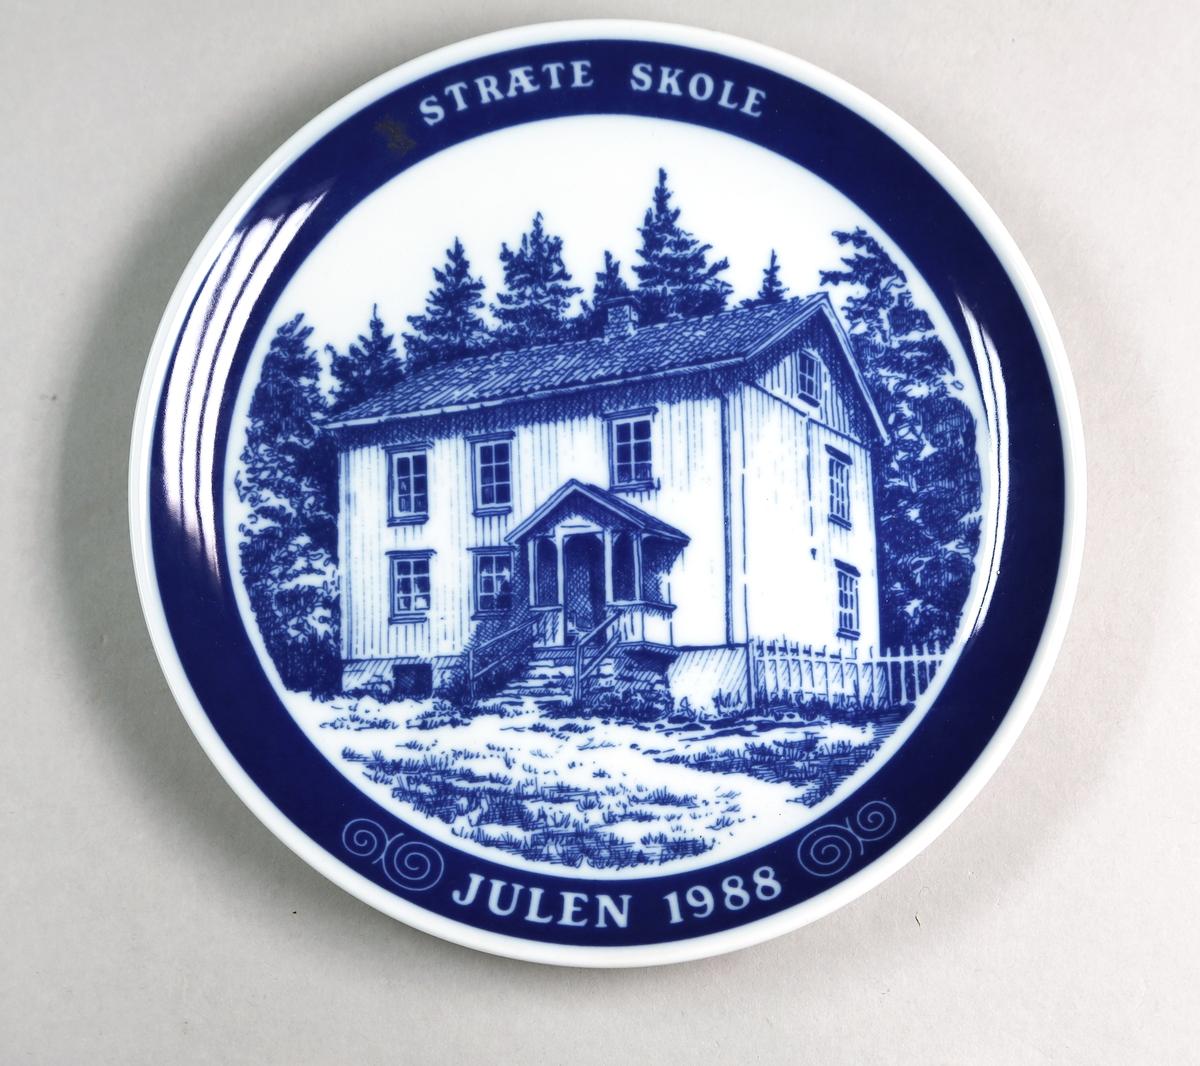 Rund tallerken med Stræte skole som dekormotiv, med en blå bord omkring med skrift.